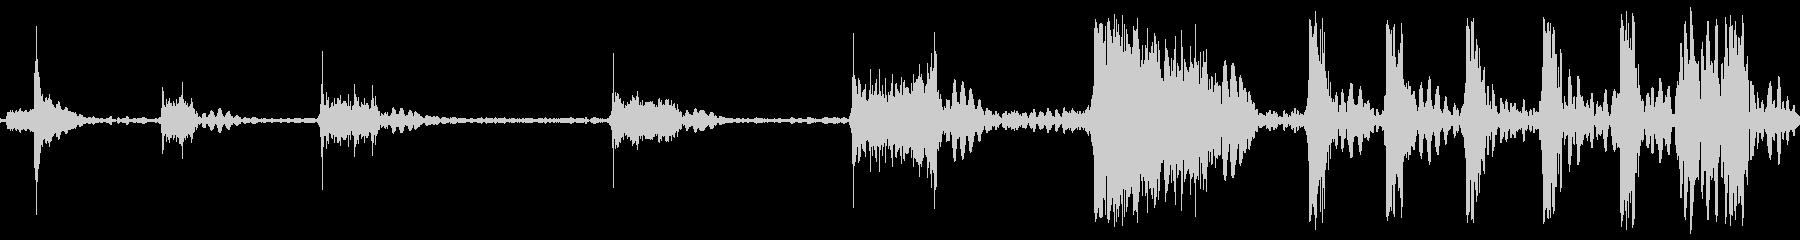 ロケットアフターバーナー火炎sの未再生の波形